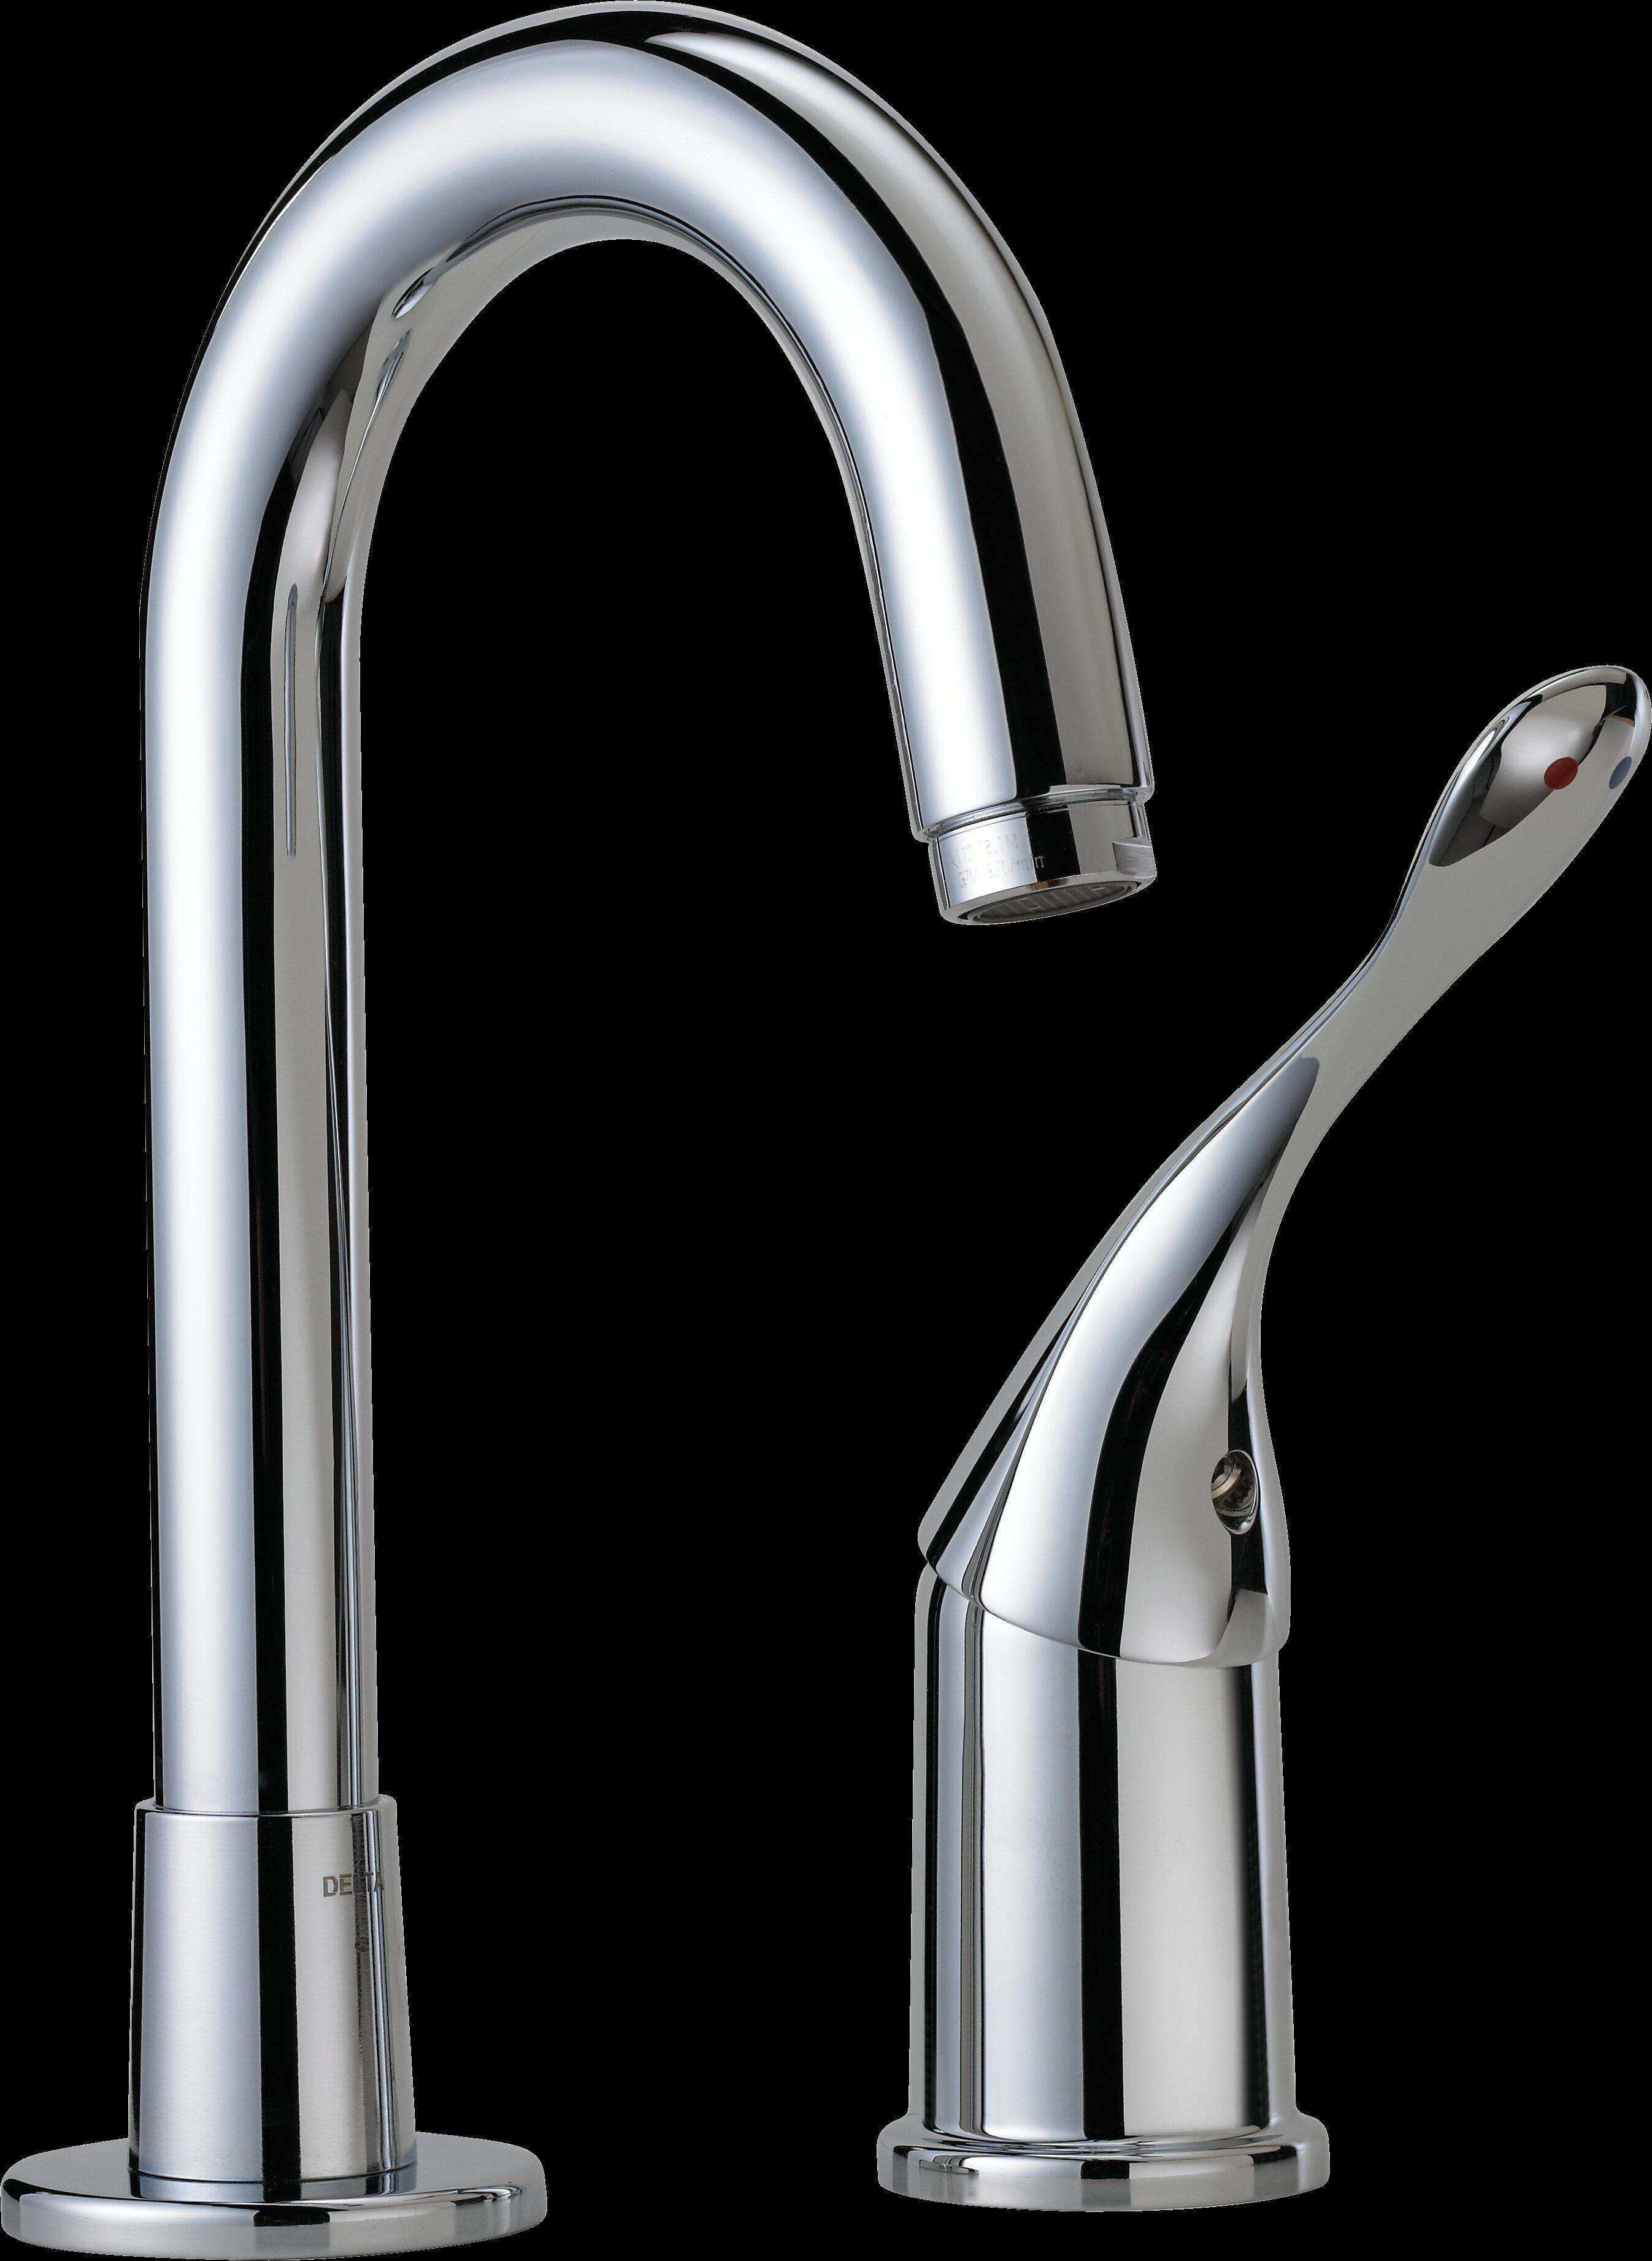 Delta Single Handle Kitchen Faucet   Wayfair